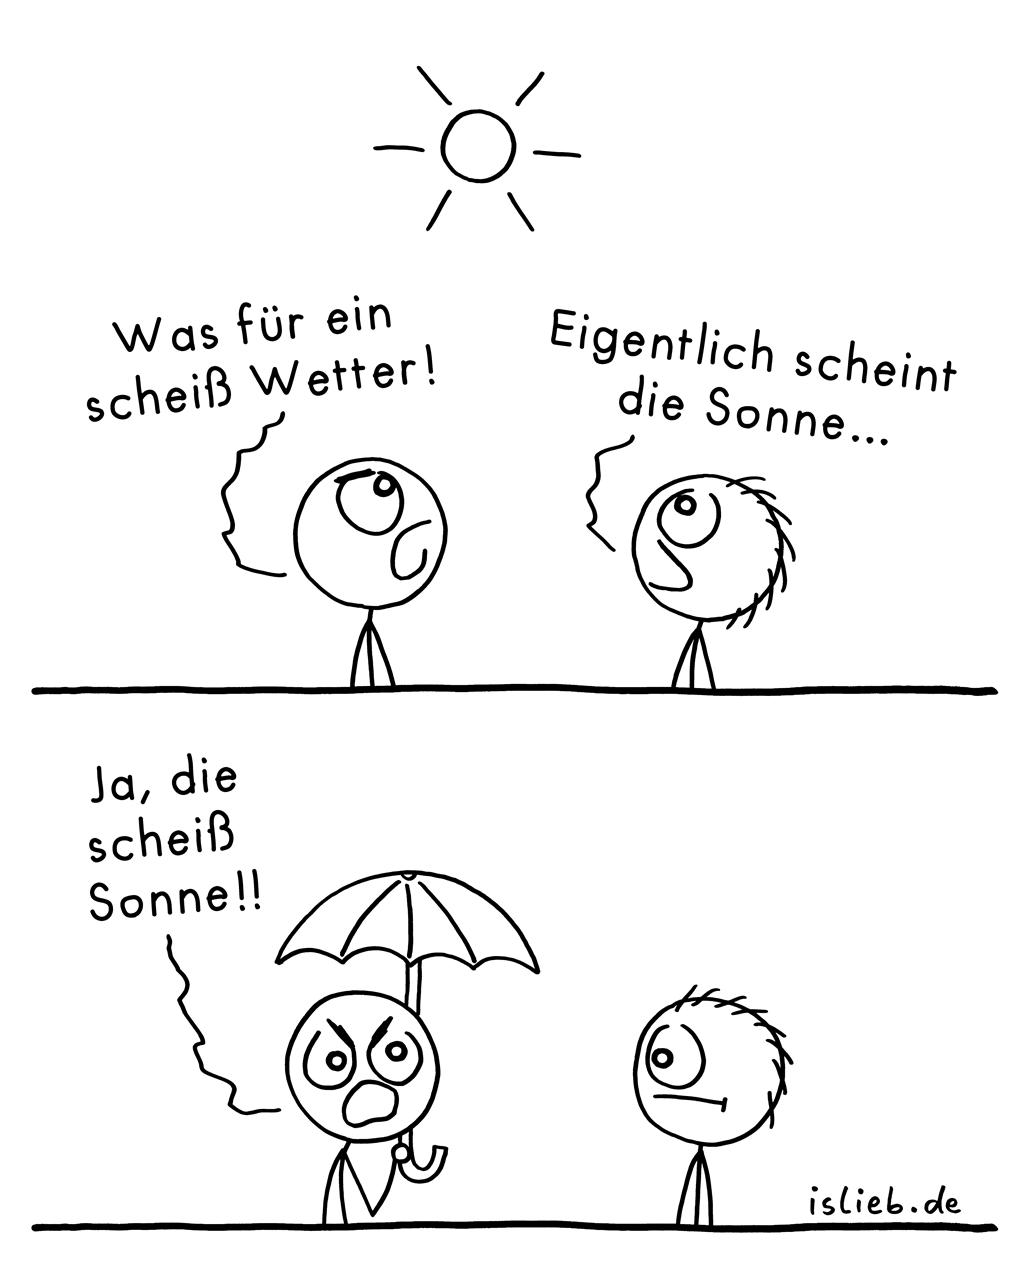 Wetter | Sonnenschein-Comic | is lieb?